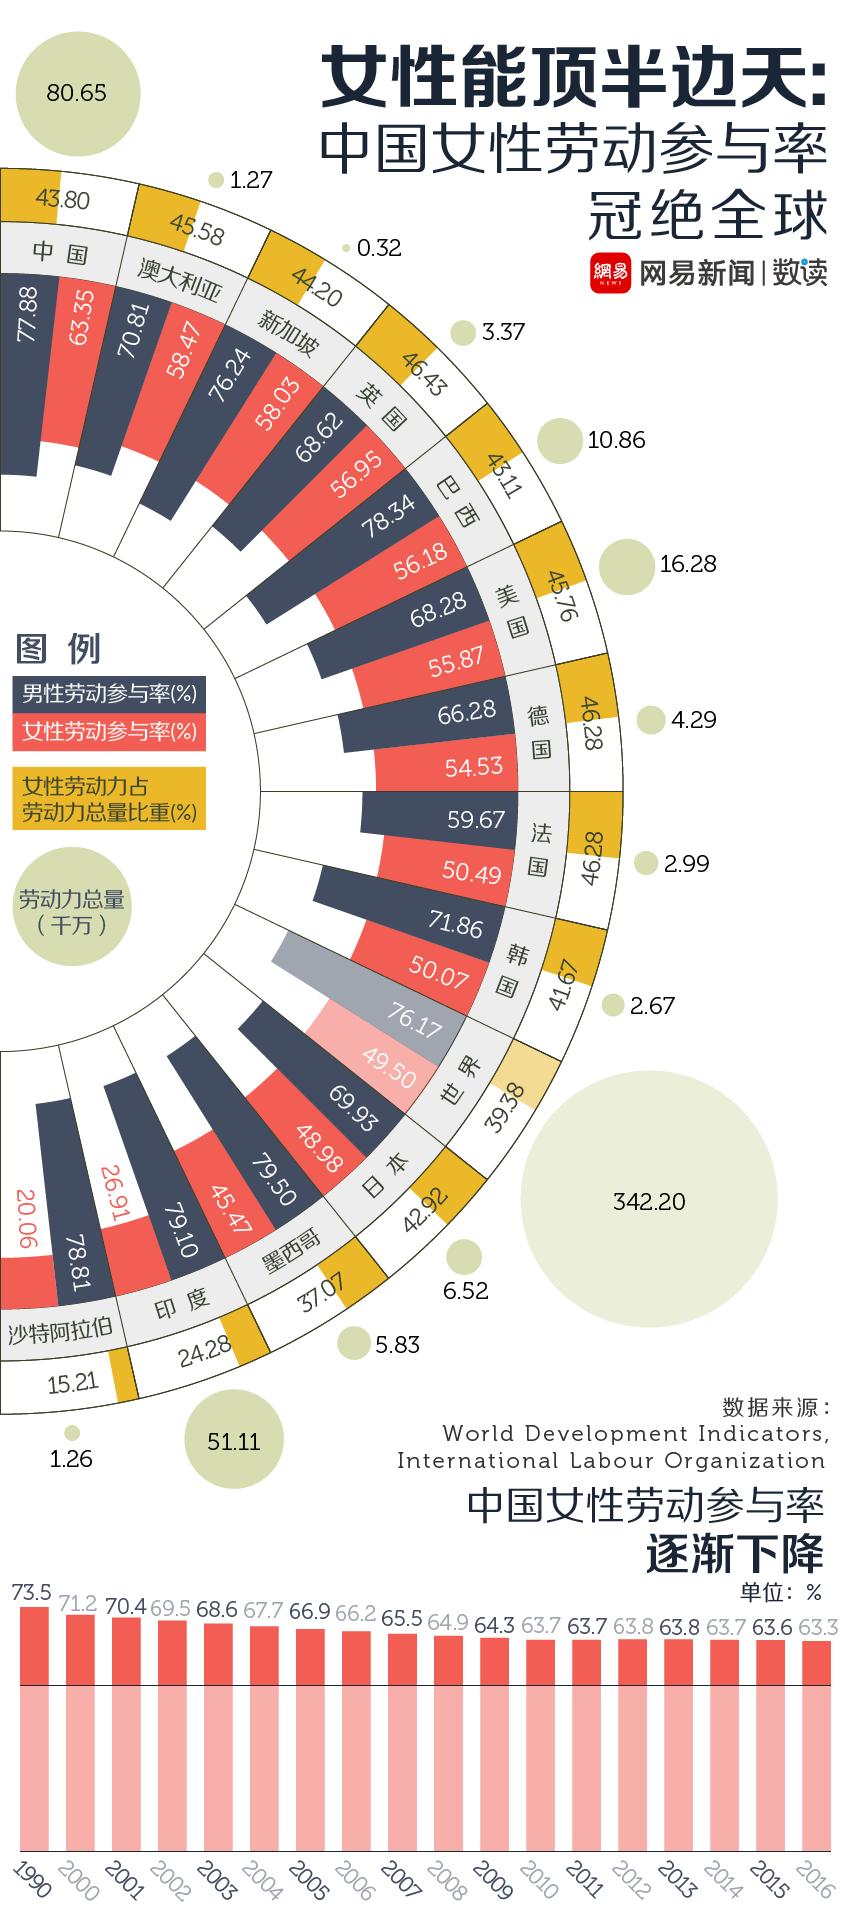 网易数读 | 光靠男人养不起家 中国女人劳动率世界第一